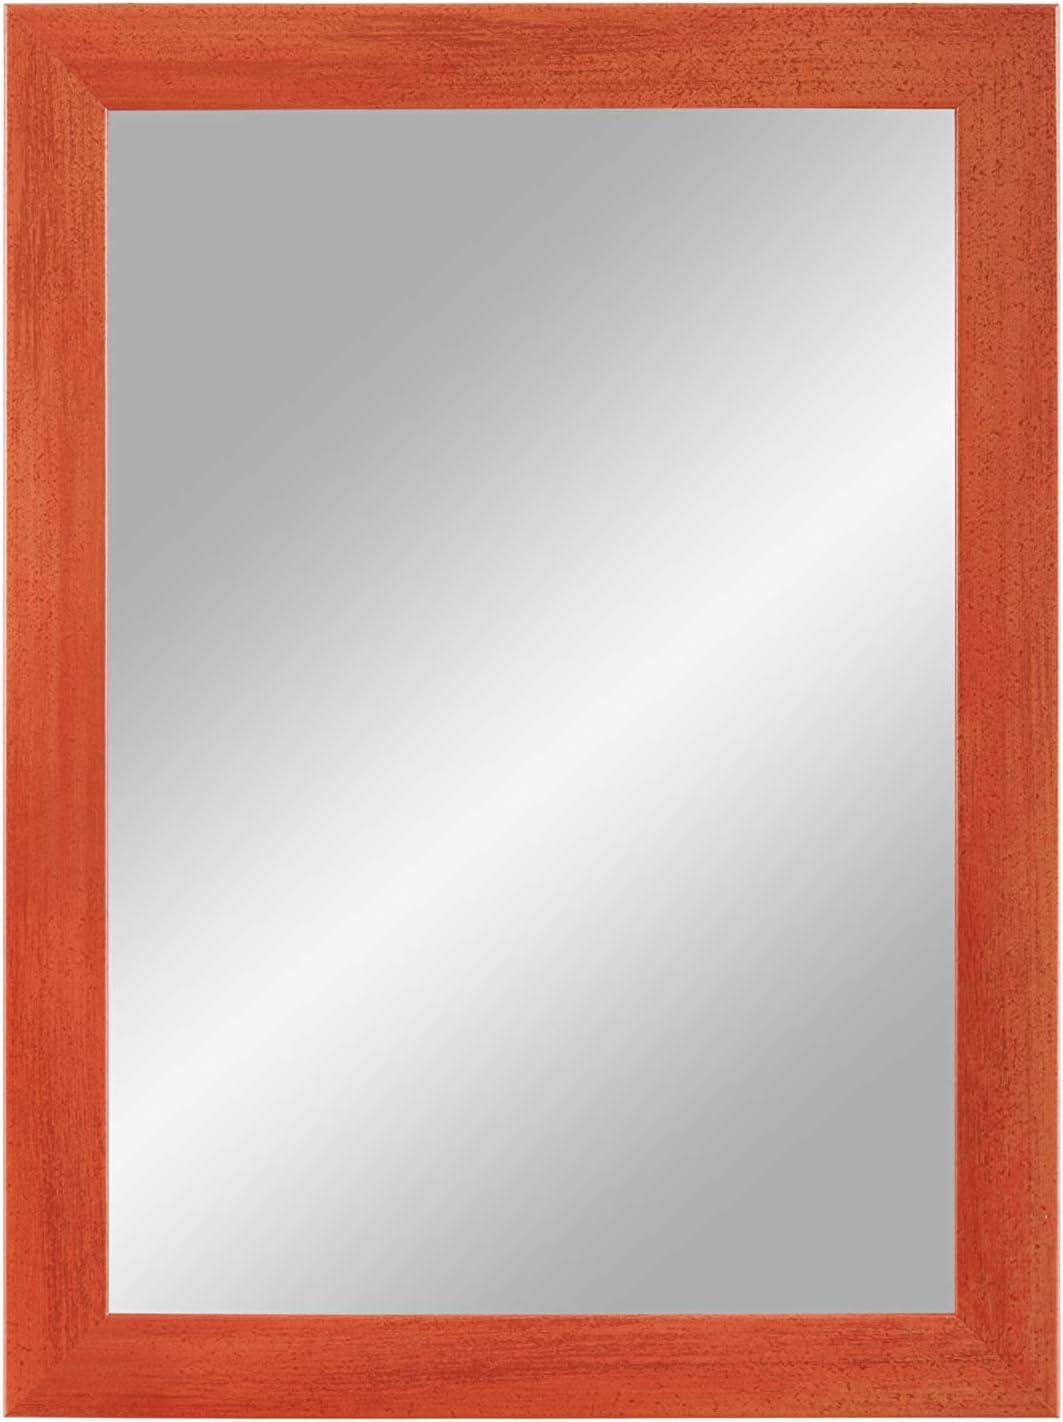 Specchio da Parete 30x30 cm con Cornice Duisburger-Rahmen24 Flex 35 Specchio su Misura con Striscia di Legno MDF da 35 mm di Larghezza e Parete Posteriore Robusta con Ganci Terracotta